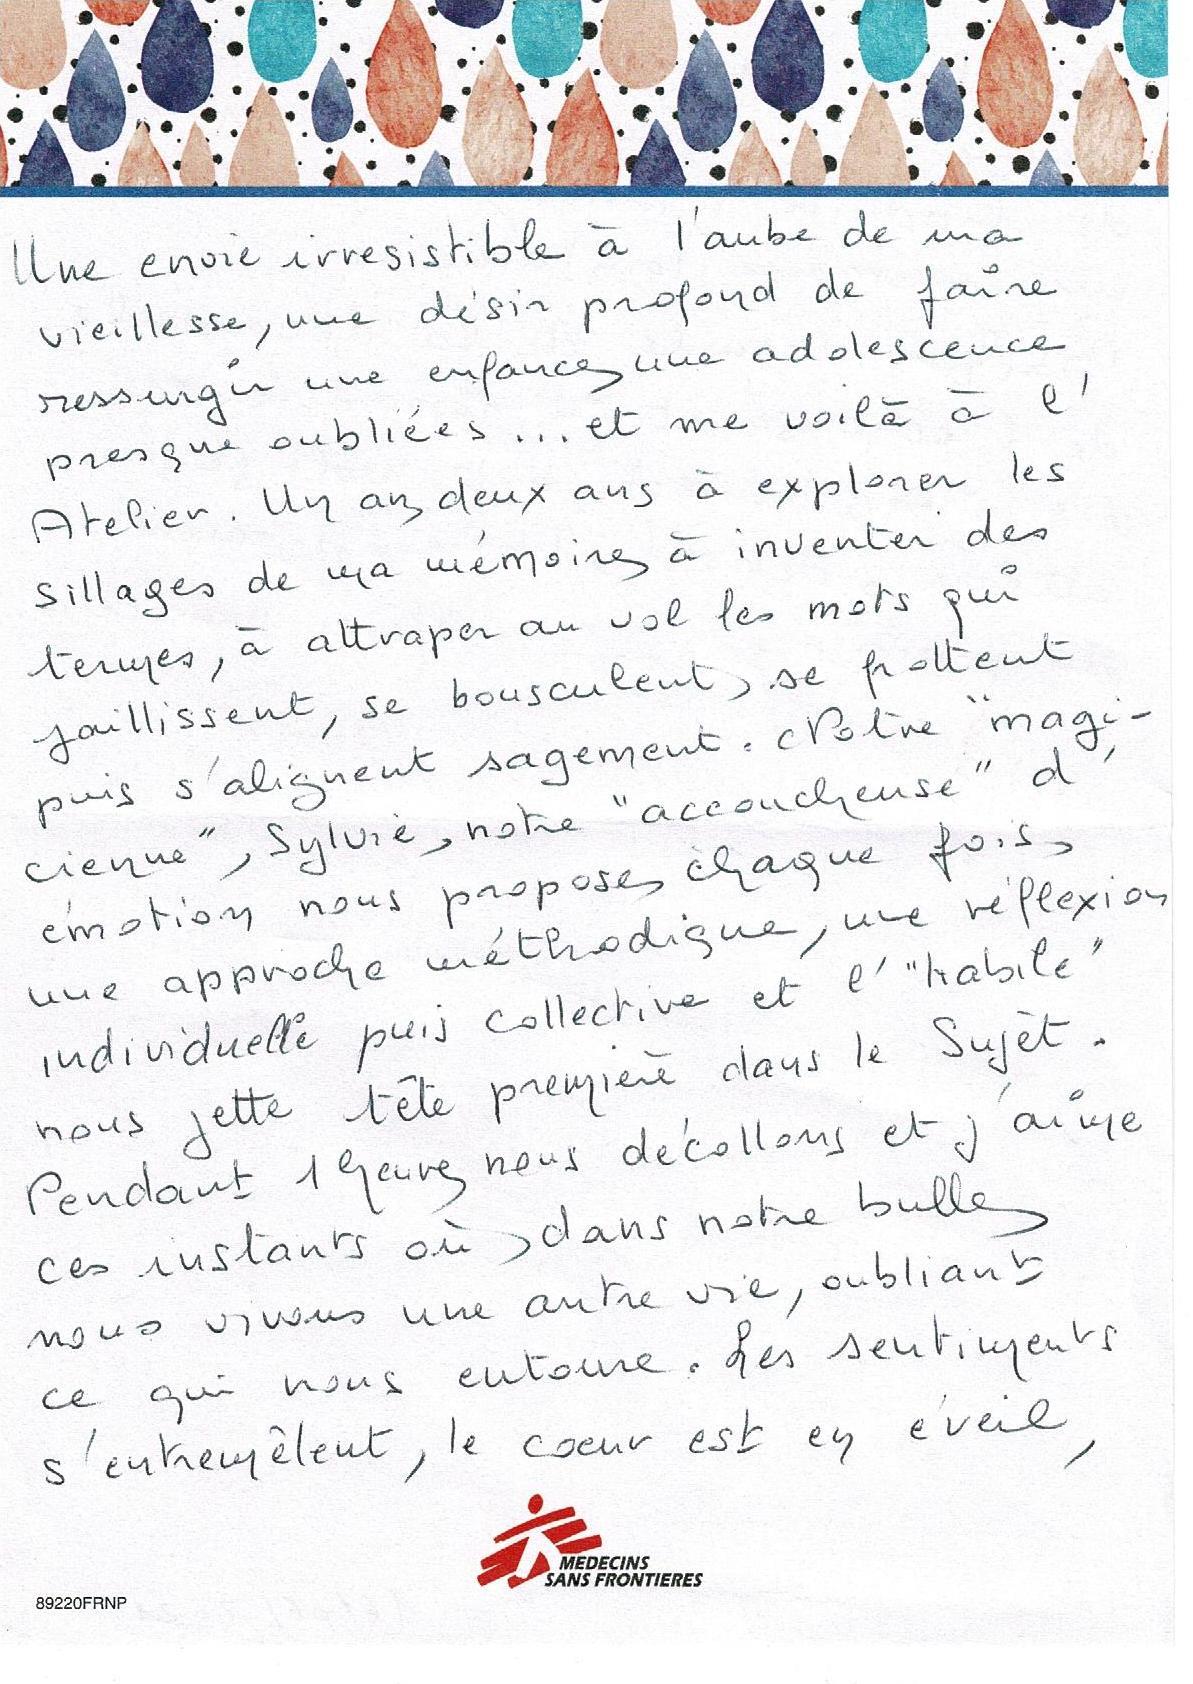 Témoignage d'une participante aux ateliers d'écriture d'Ecriture & Papyrus